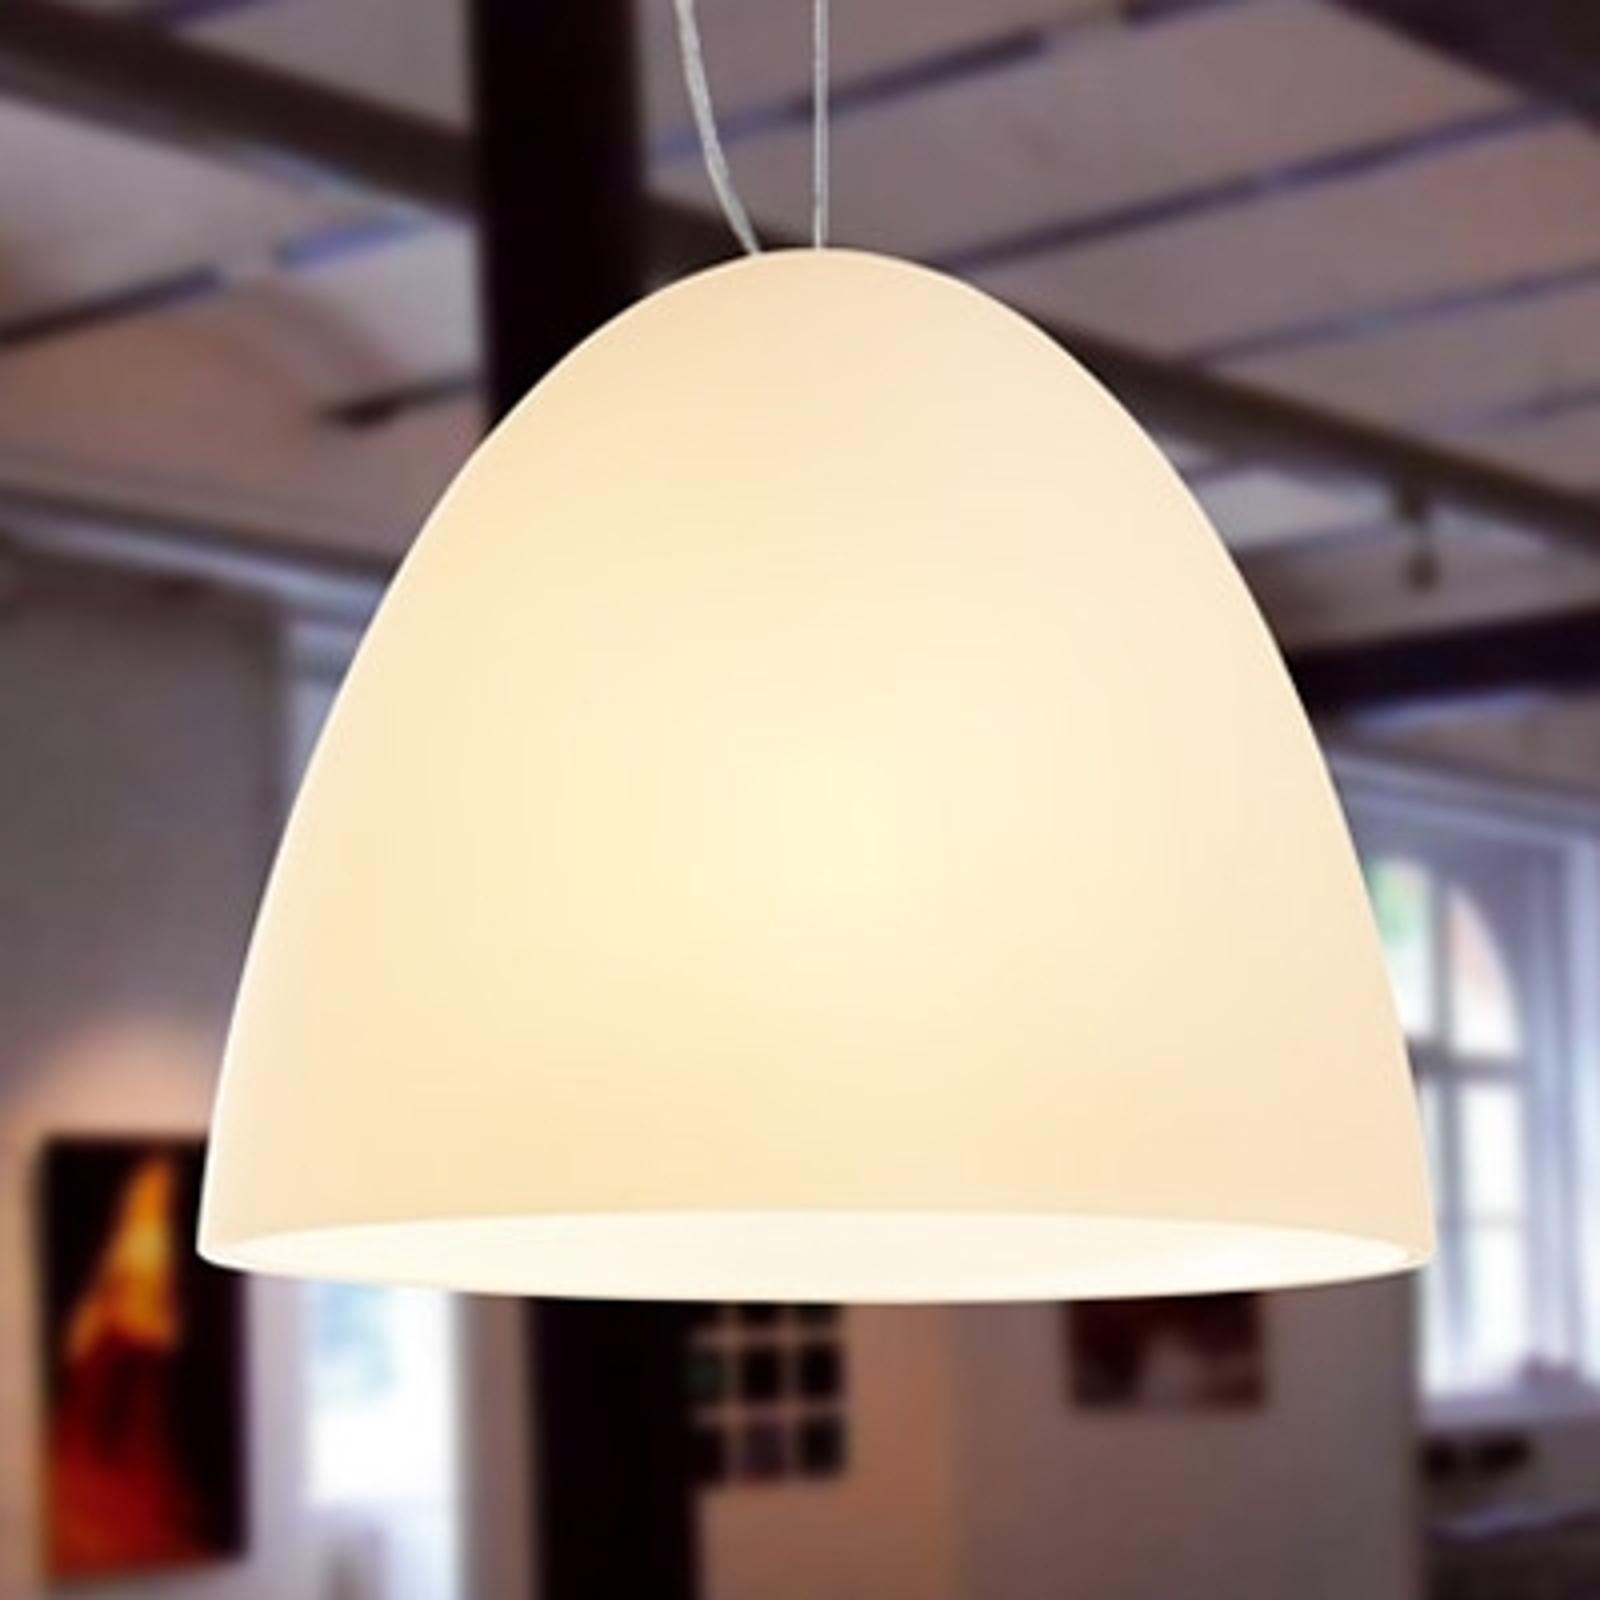 Casablanca Bell pieskovo sfarbená závesná lampa 1p_2000218_1